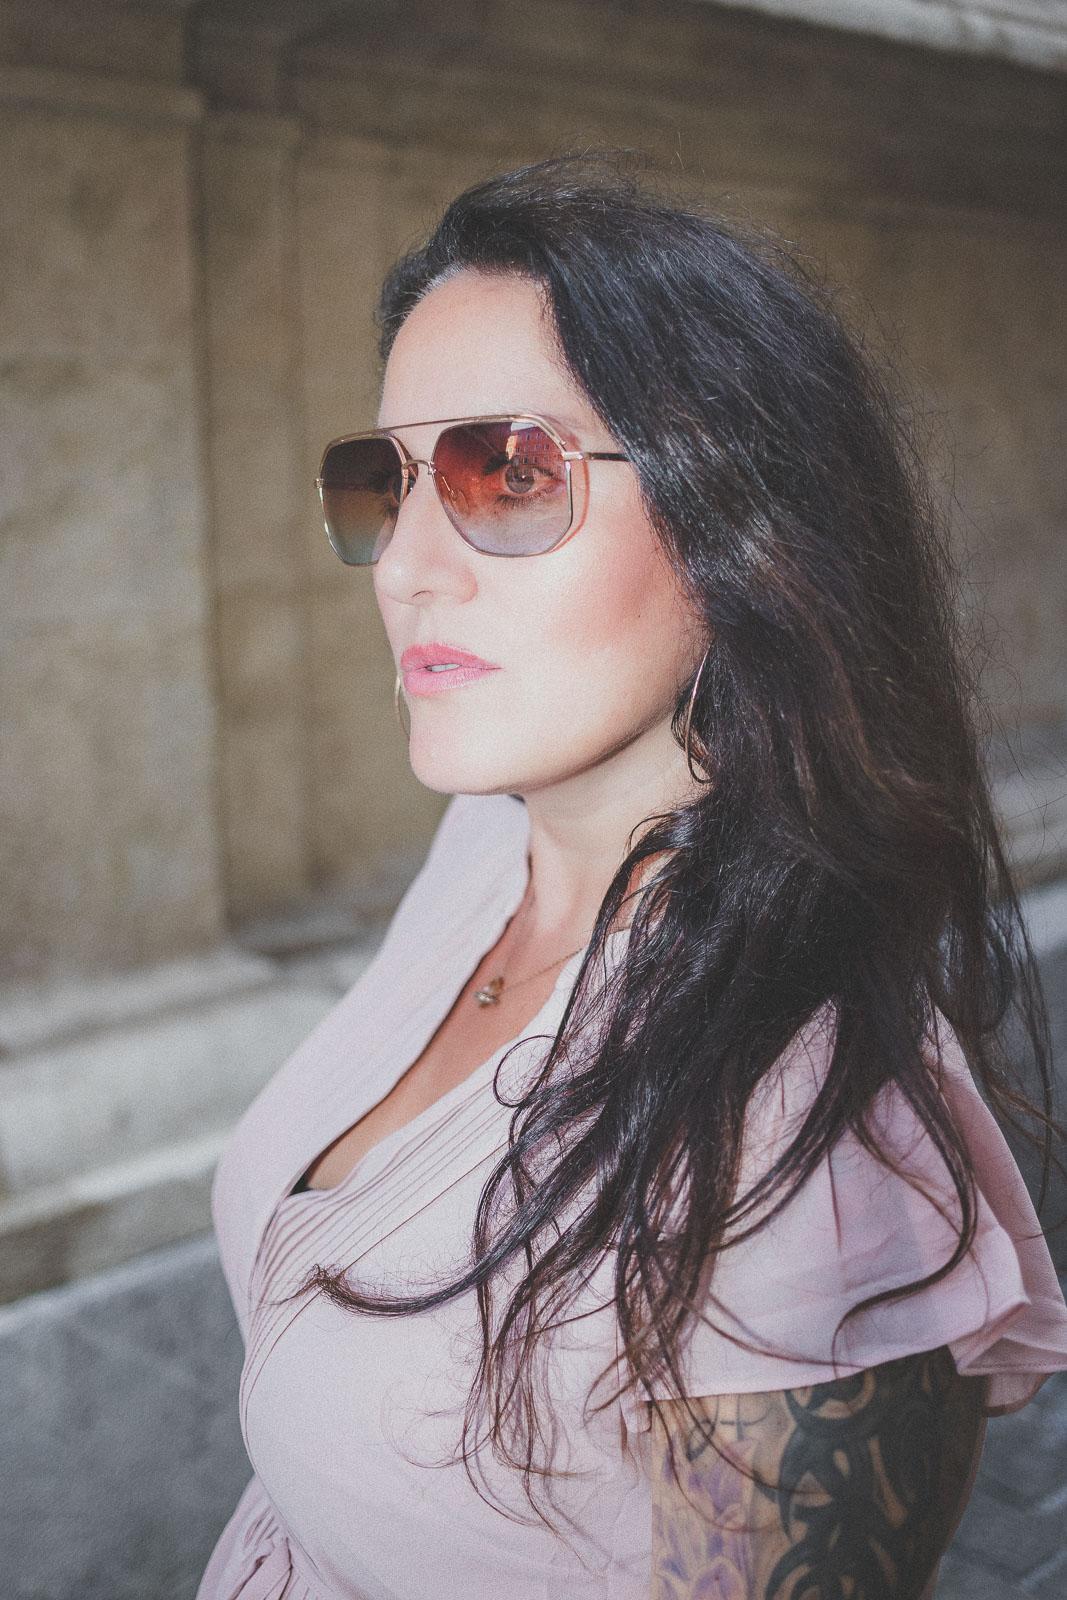 Zartrosa Kleid von H&M und Wedges und Handtasche von Michael Kors, Sommerkleid, Sonnenbrille von neubau Eyewear // Sommer-Trend, Modeblog, www.miss-classy.com #sommerkleid #sommeroutfit #mode #fashionblogger #modetrends